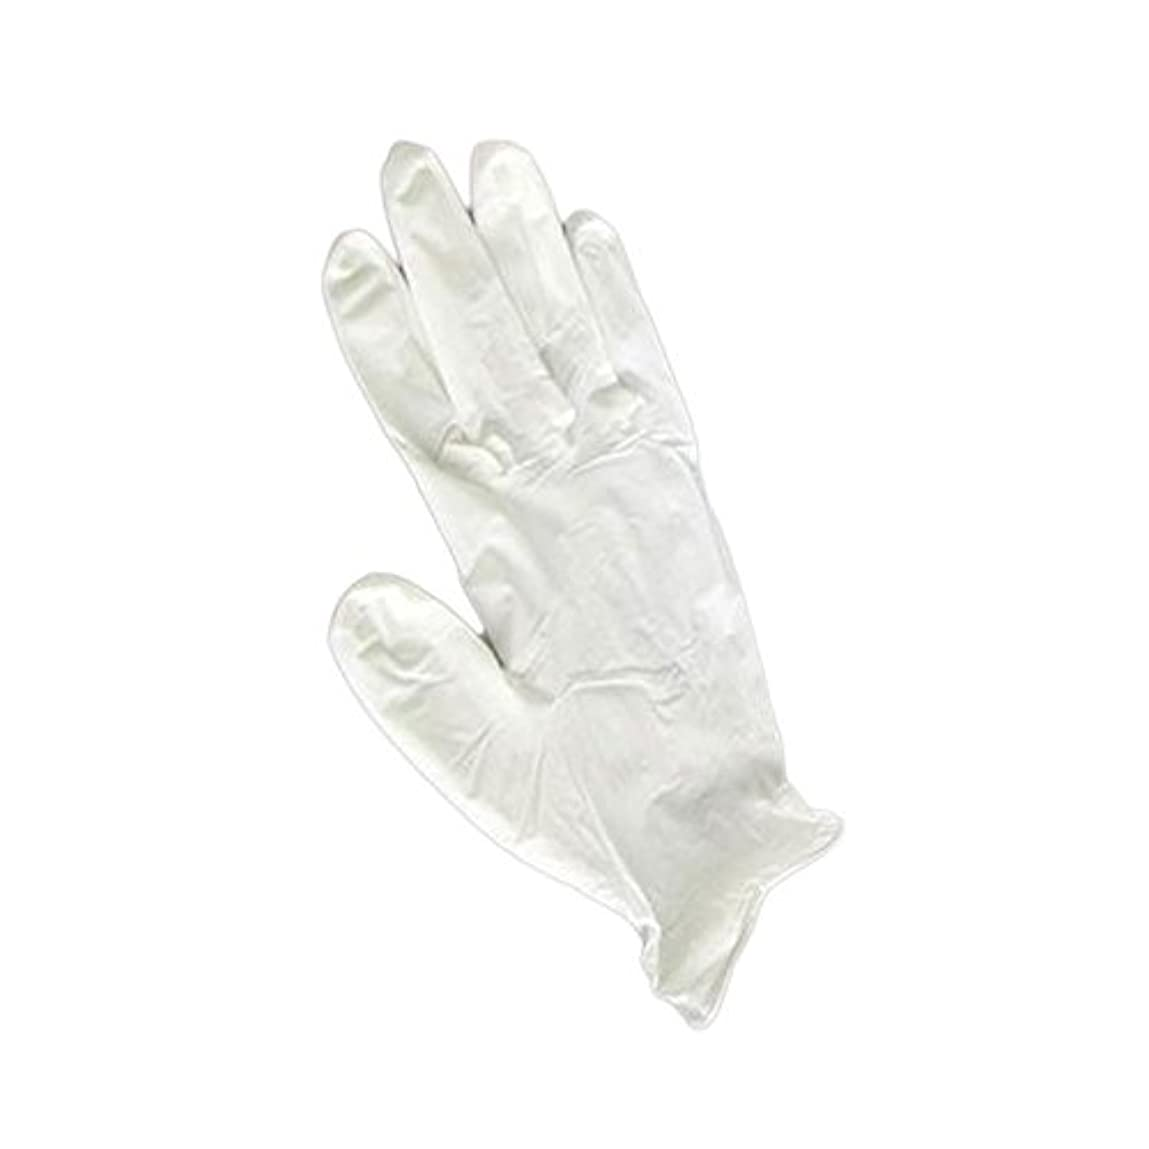 ヘロイン化合物スラム街三高サプライ ニトリルグローブ(ゴム手袋) パウダーフリー BOXタイプ ダーマホワイト 100枚入り GN01 S